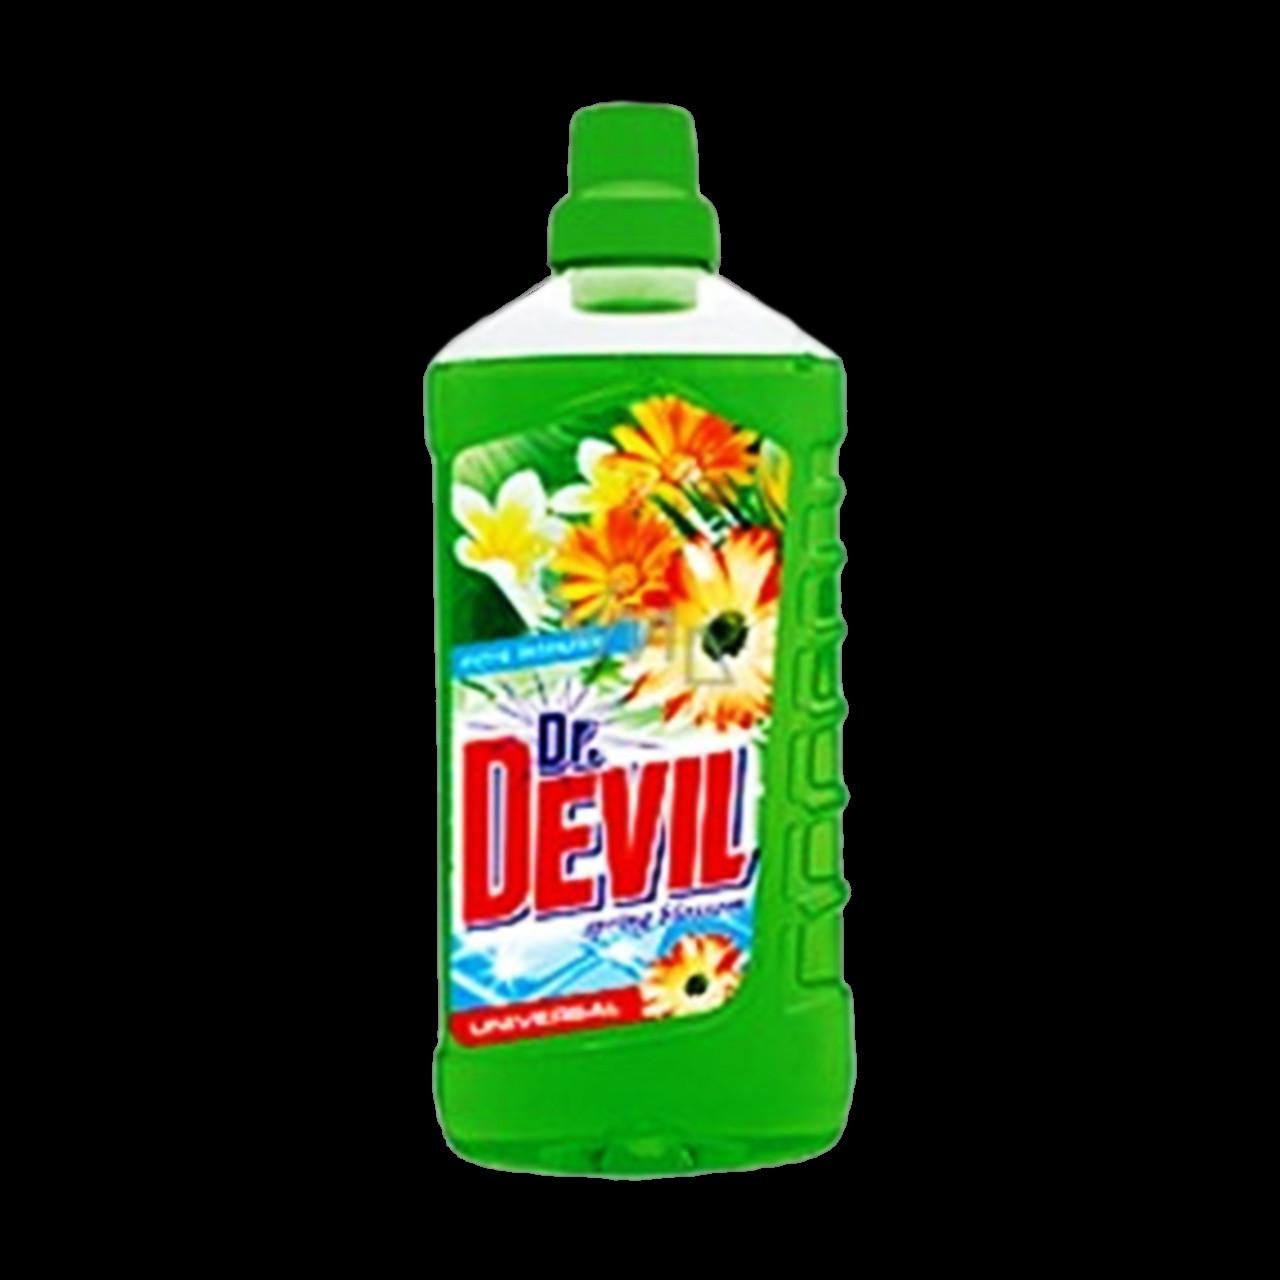 Универсальное моющее средство Dr. Devil Spring Blossom Девил Цветущая Весна 1 л